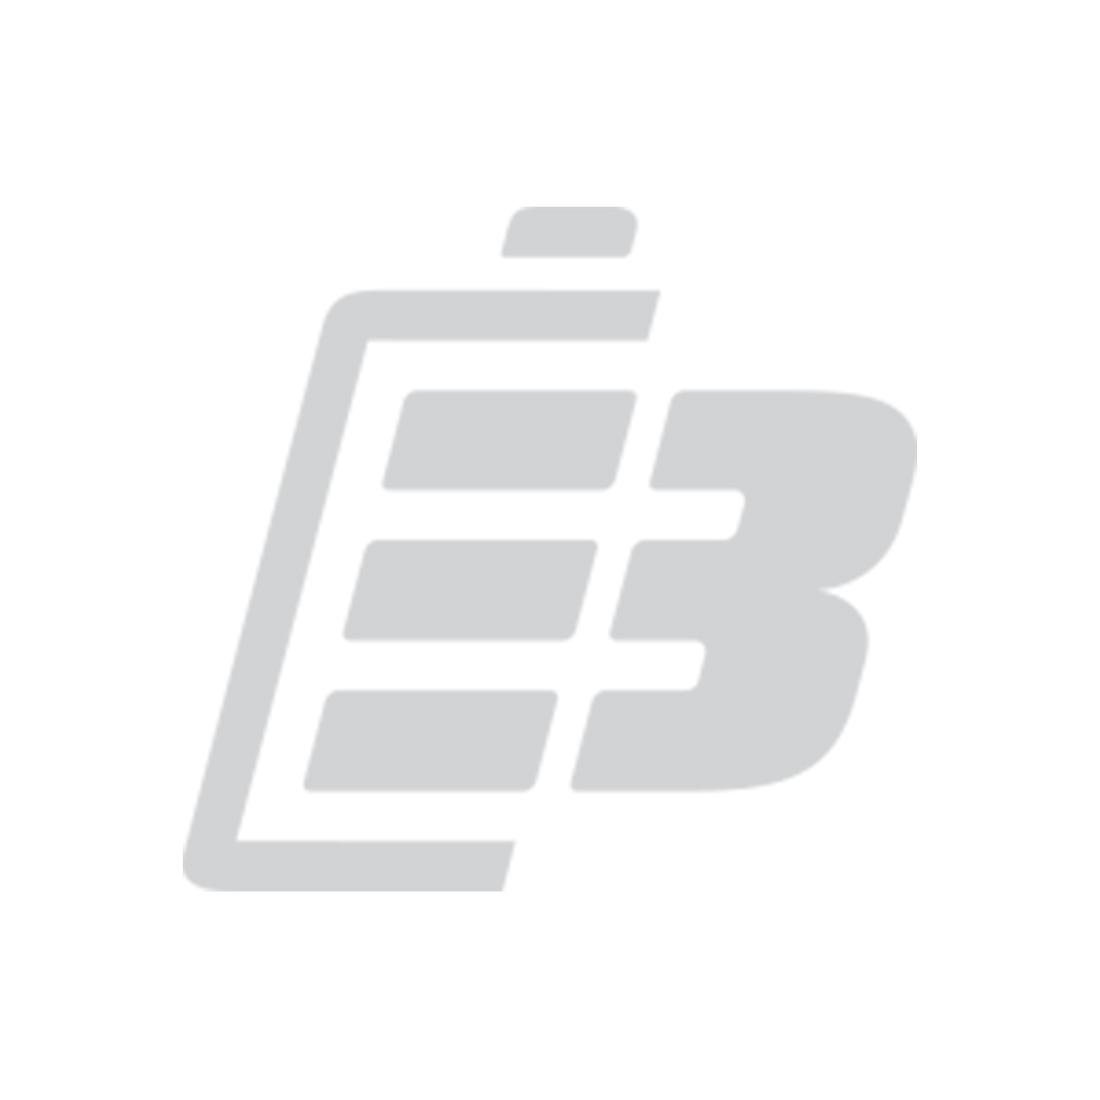 Μπαταρία PDA Eten glofiish X800_1